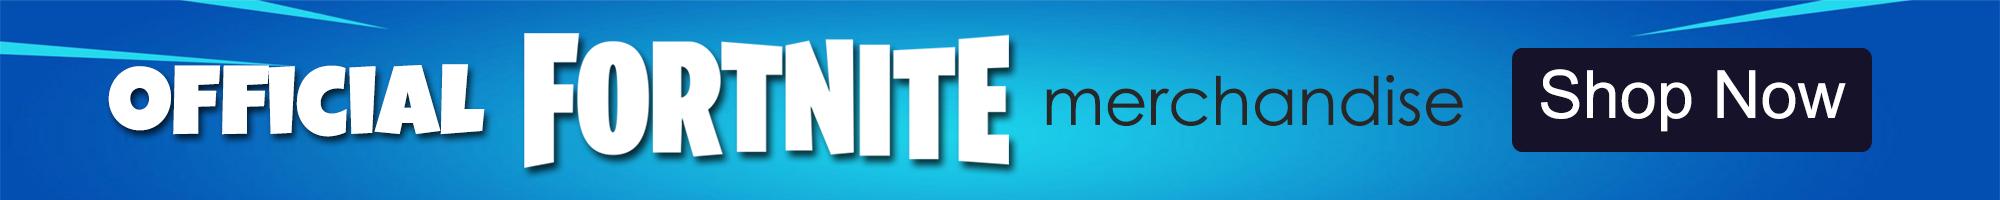 Fortnite banner static